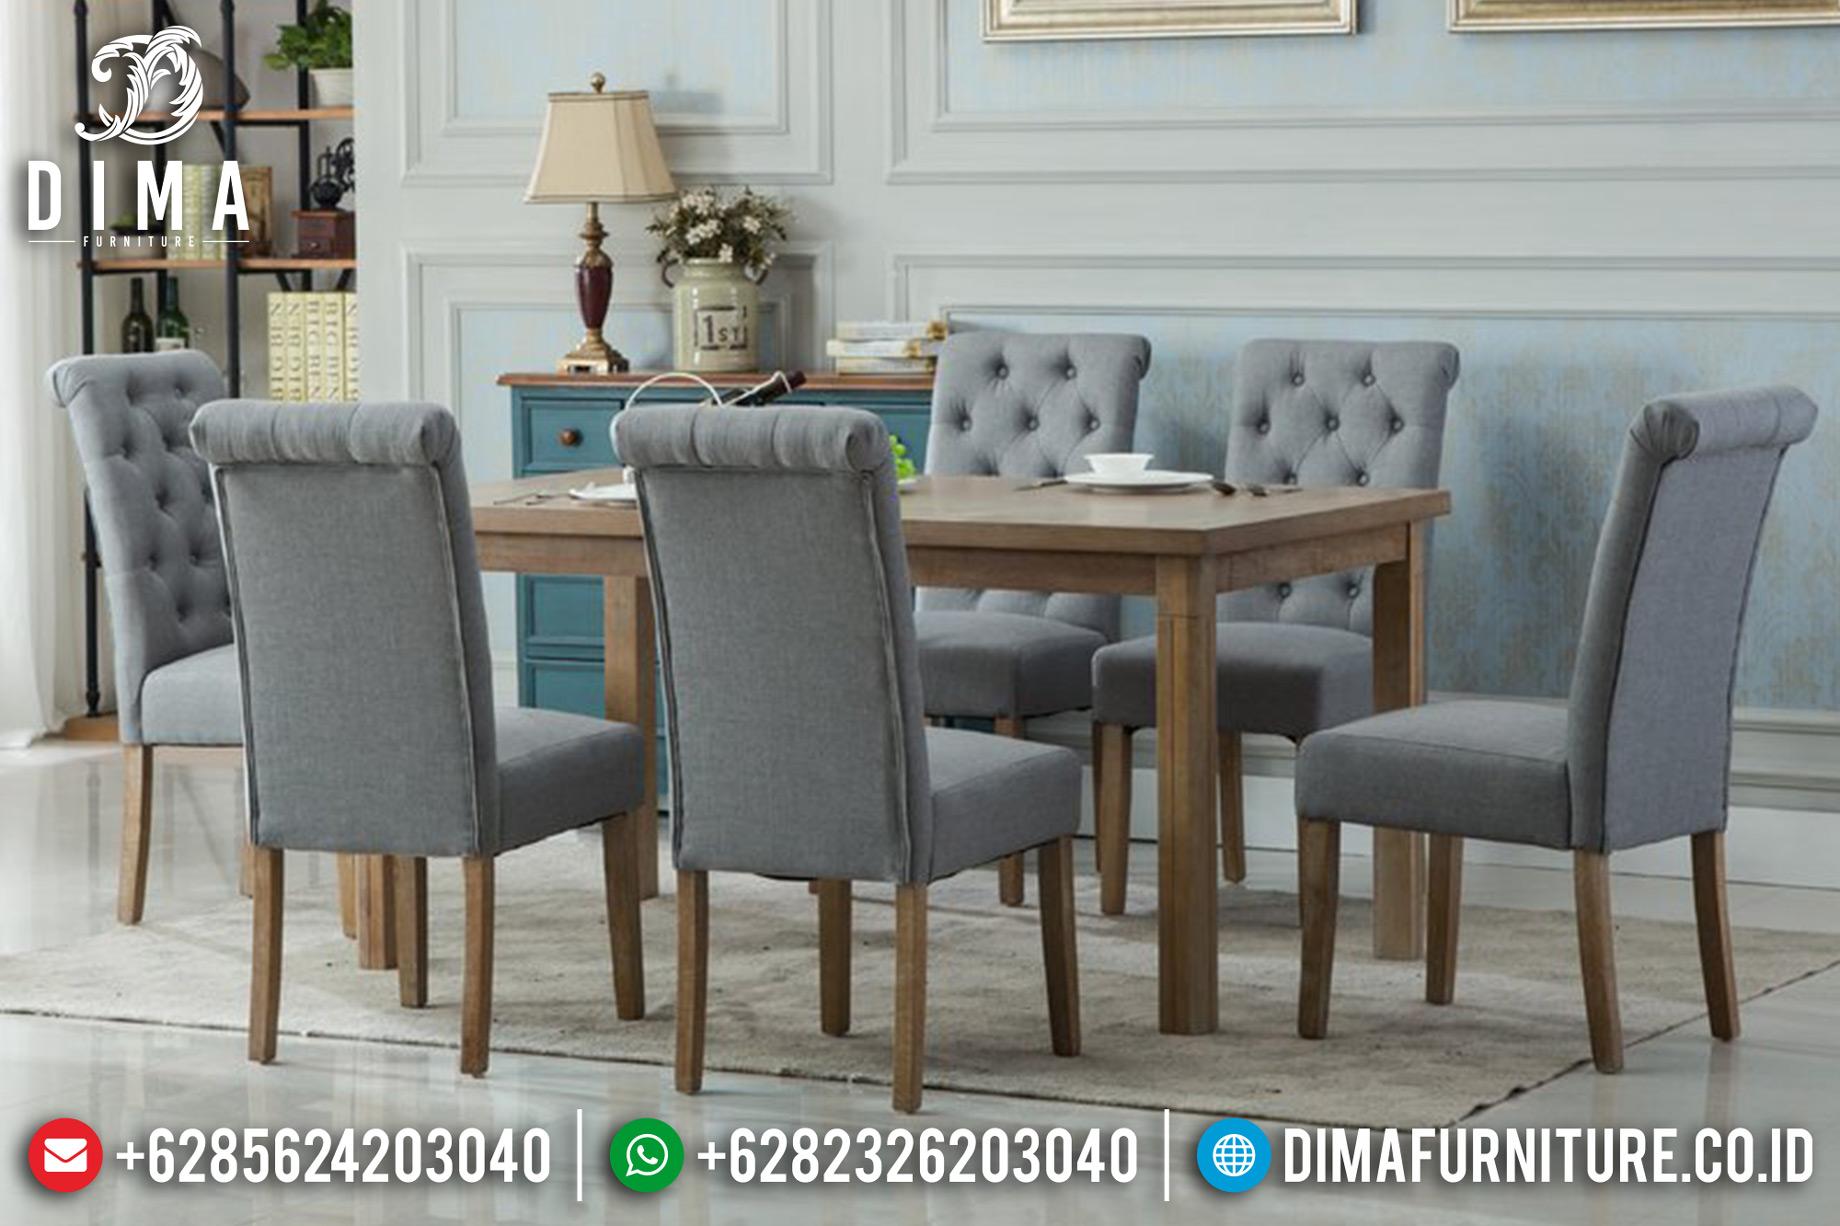 Harga Meja Makan Minimalis Jati Natural Rustic Desain Klasik Retro TTJ-0620